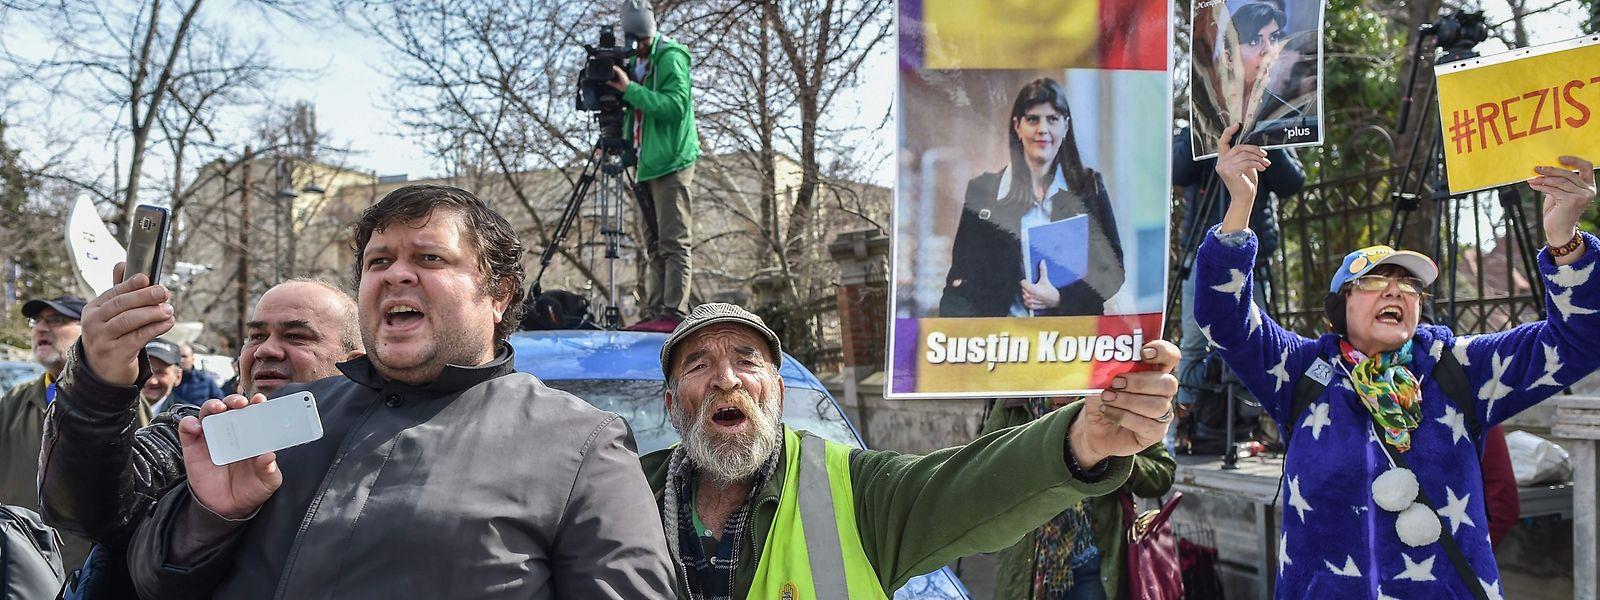 Laura Kövesi gilt als Sauberfrau und hat in Rumänien viele Unterstützer.